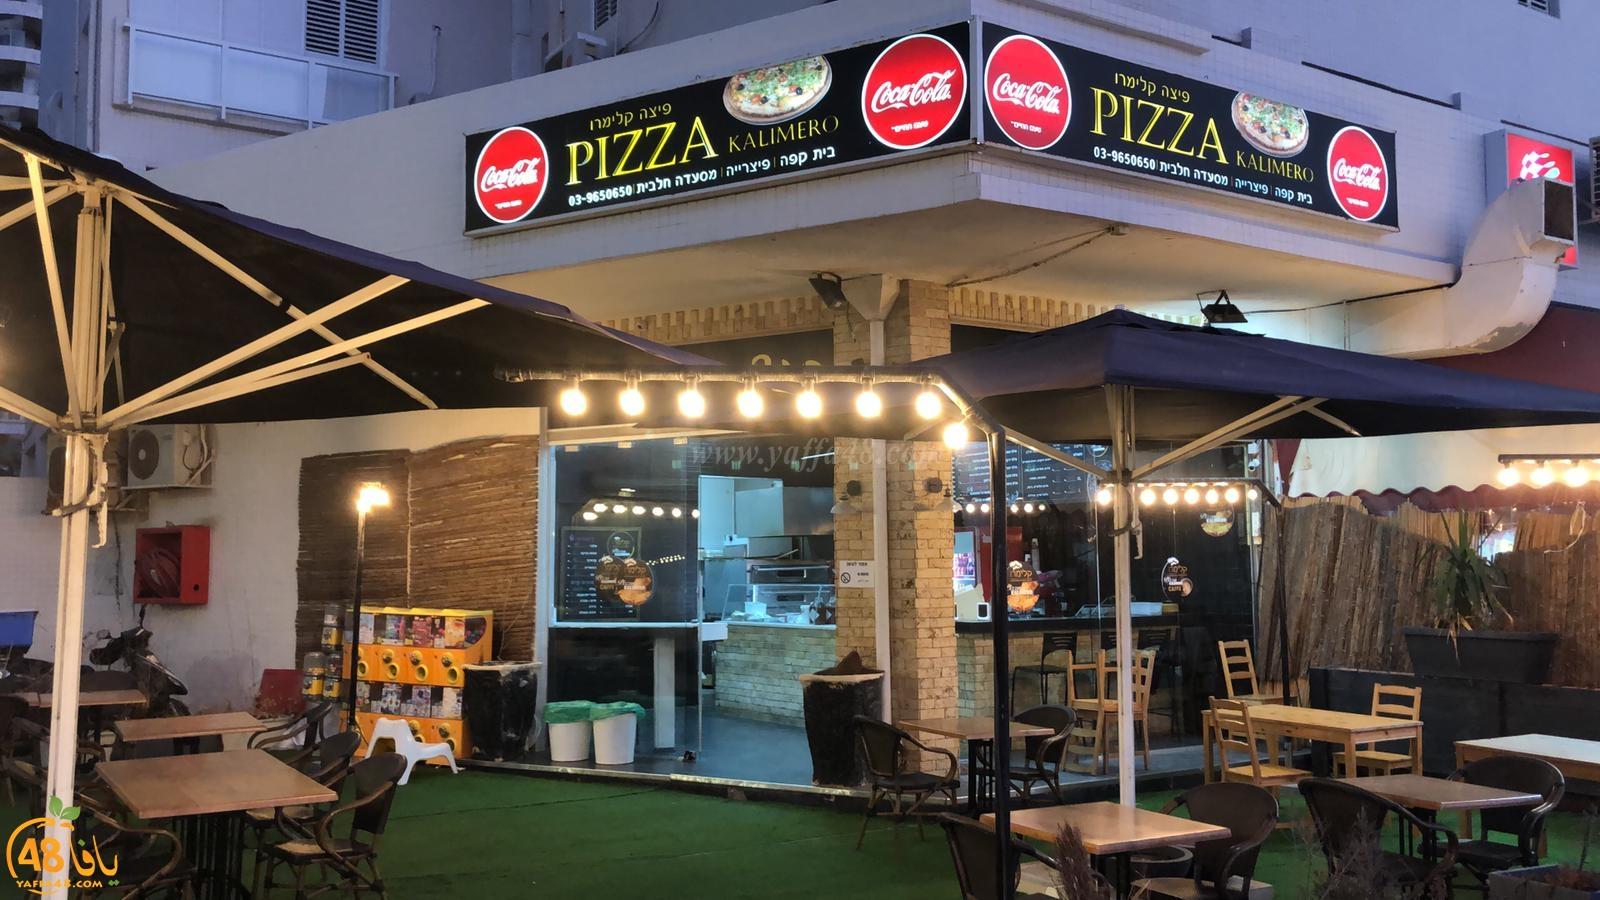 أسعار منافسة وعروض - أشهى أنواع البيتزا، المعجنات والحلويات فقط لدى بيتزا كالميرو